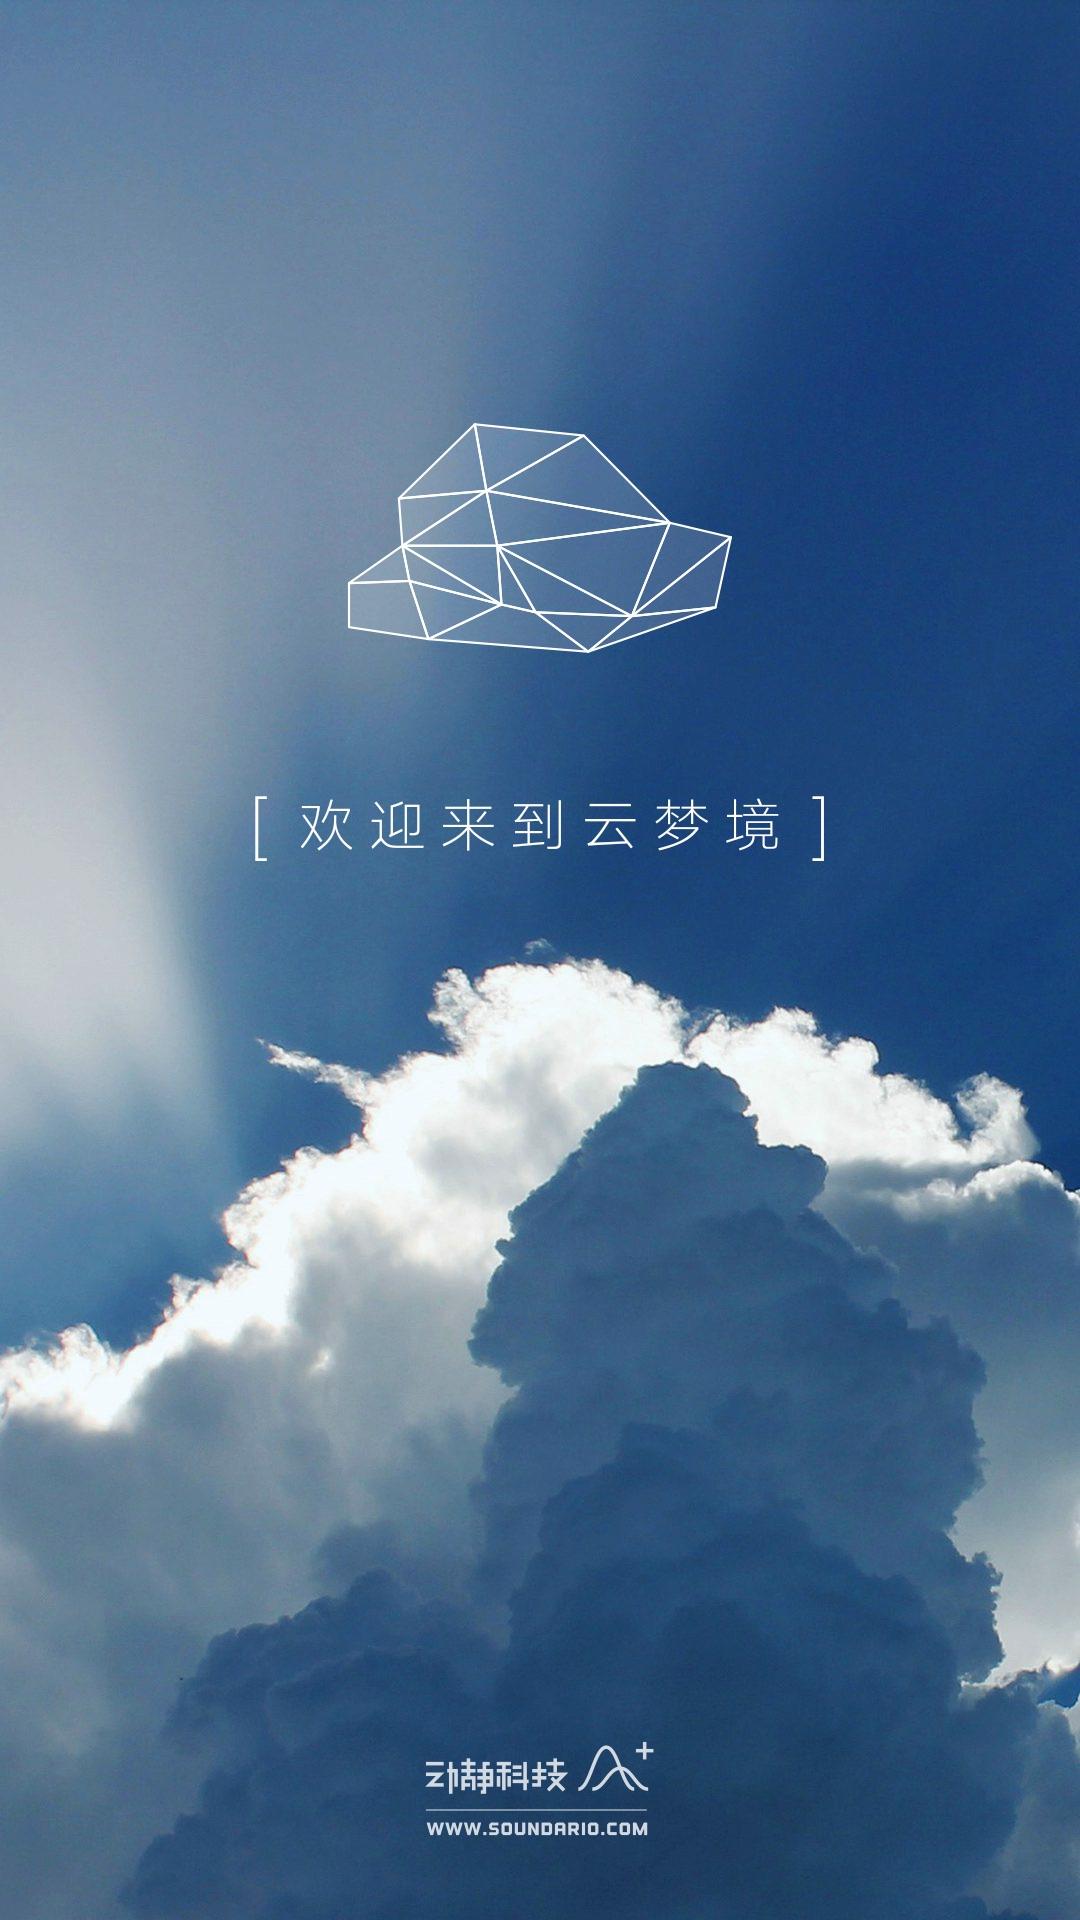 云梦助眠引导小程序